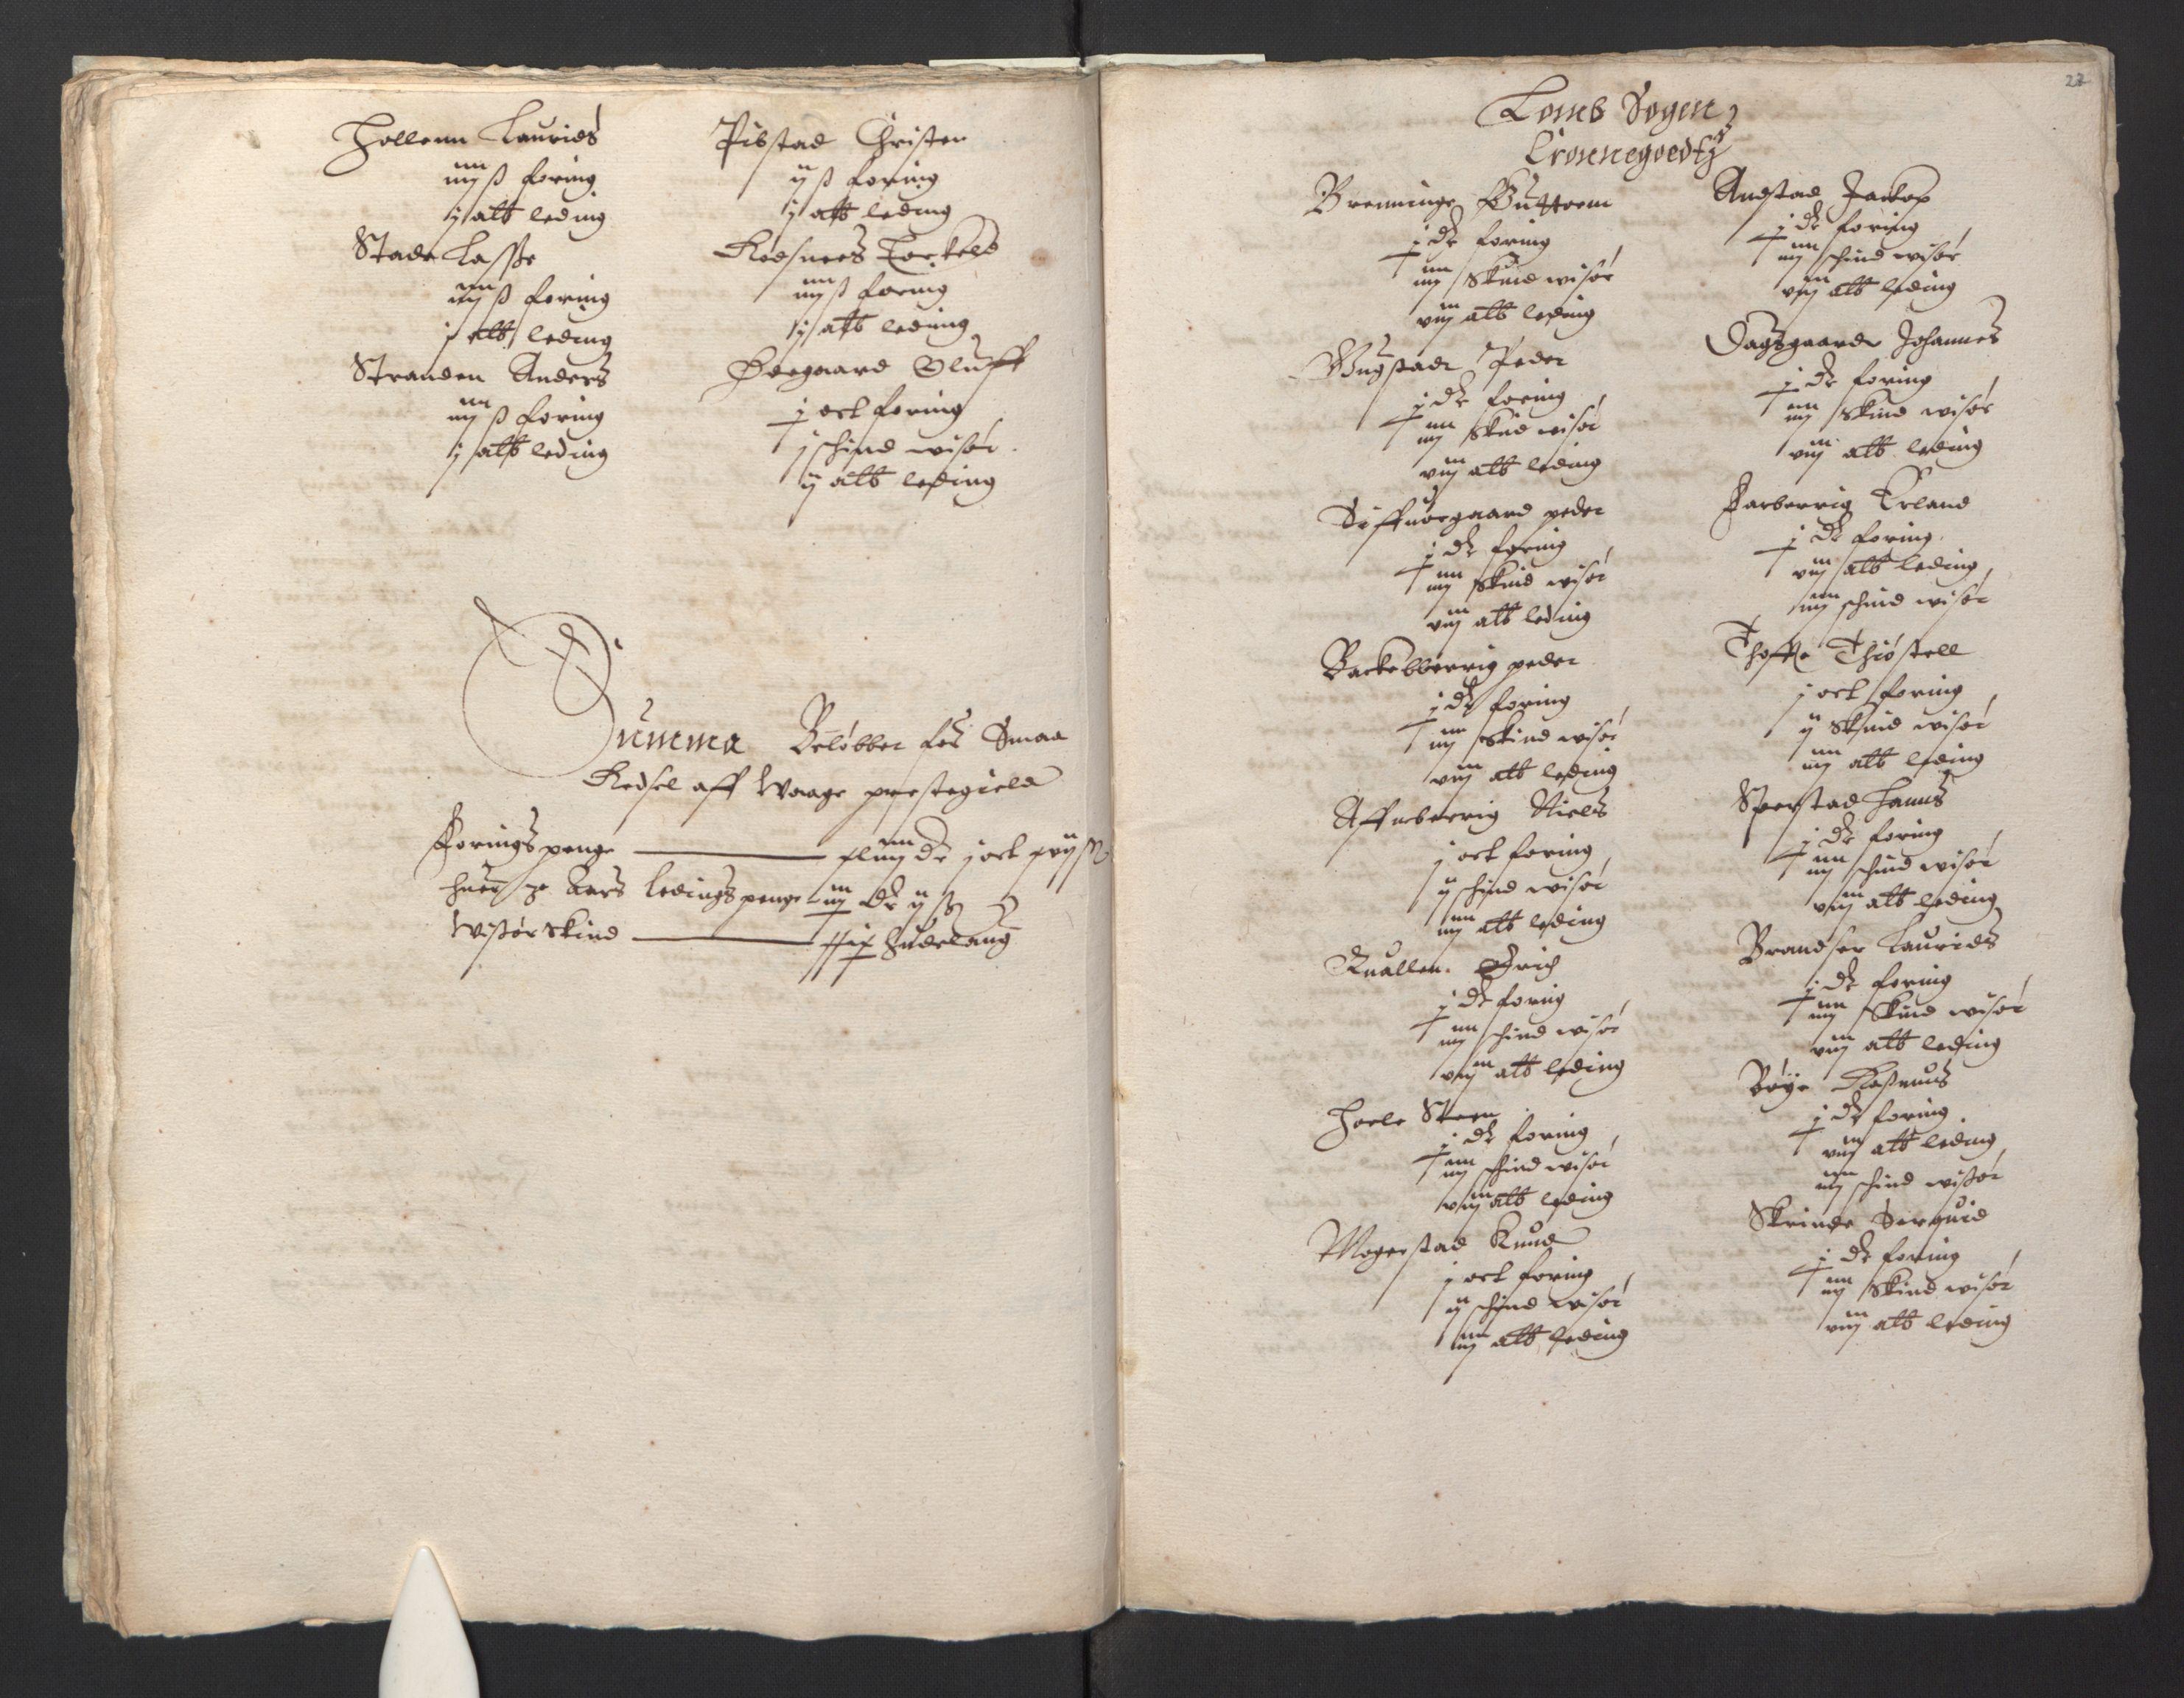 RA, Stattholderembetet 1572-1771, Ek/L0001: Jordebøker før 1624 og til utligning av garnisonsskatt 1624-1626:, 1624-1625, s. 29